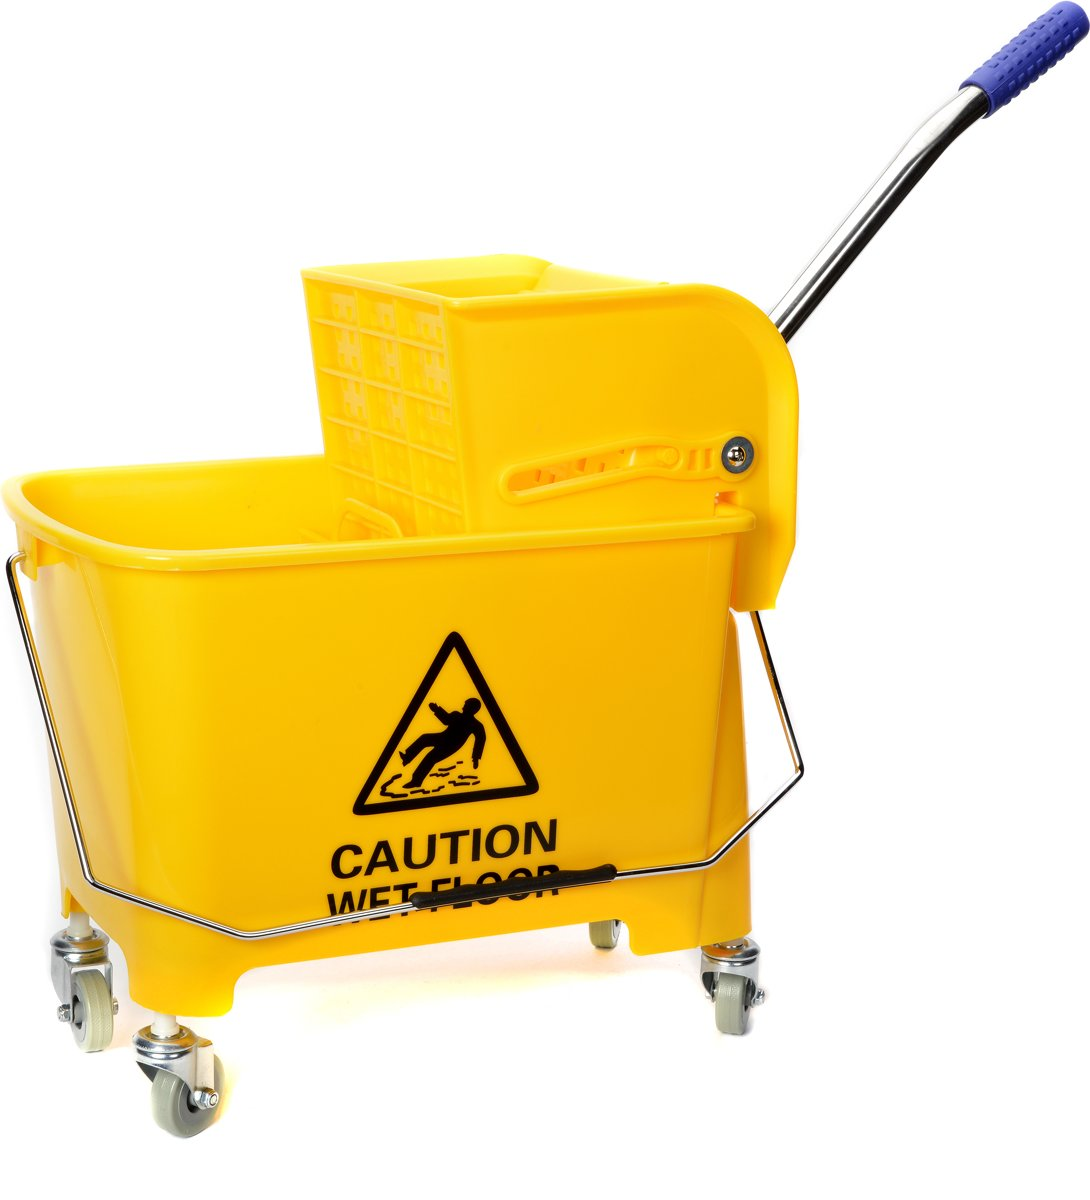 Mopemmer + strengenmop pers zware kunststof uitvoering met een inhoud van 20 liter met wielen in de kleur geel kopen